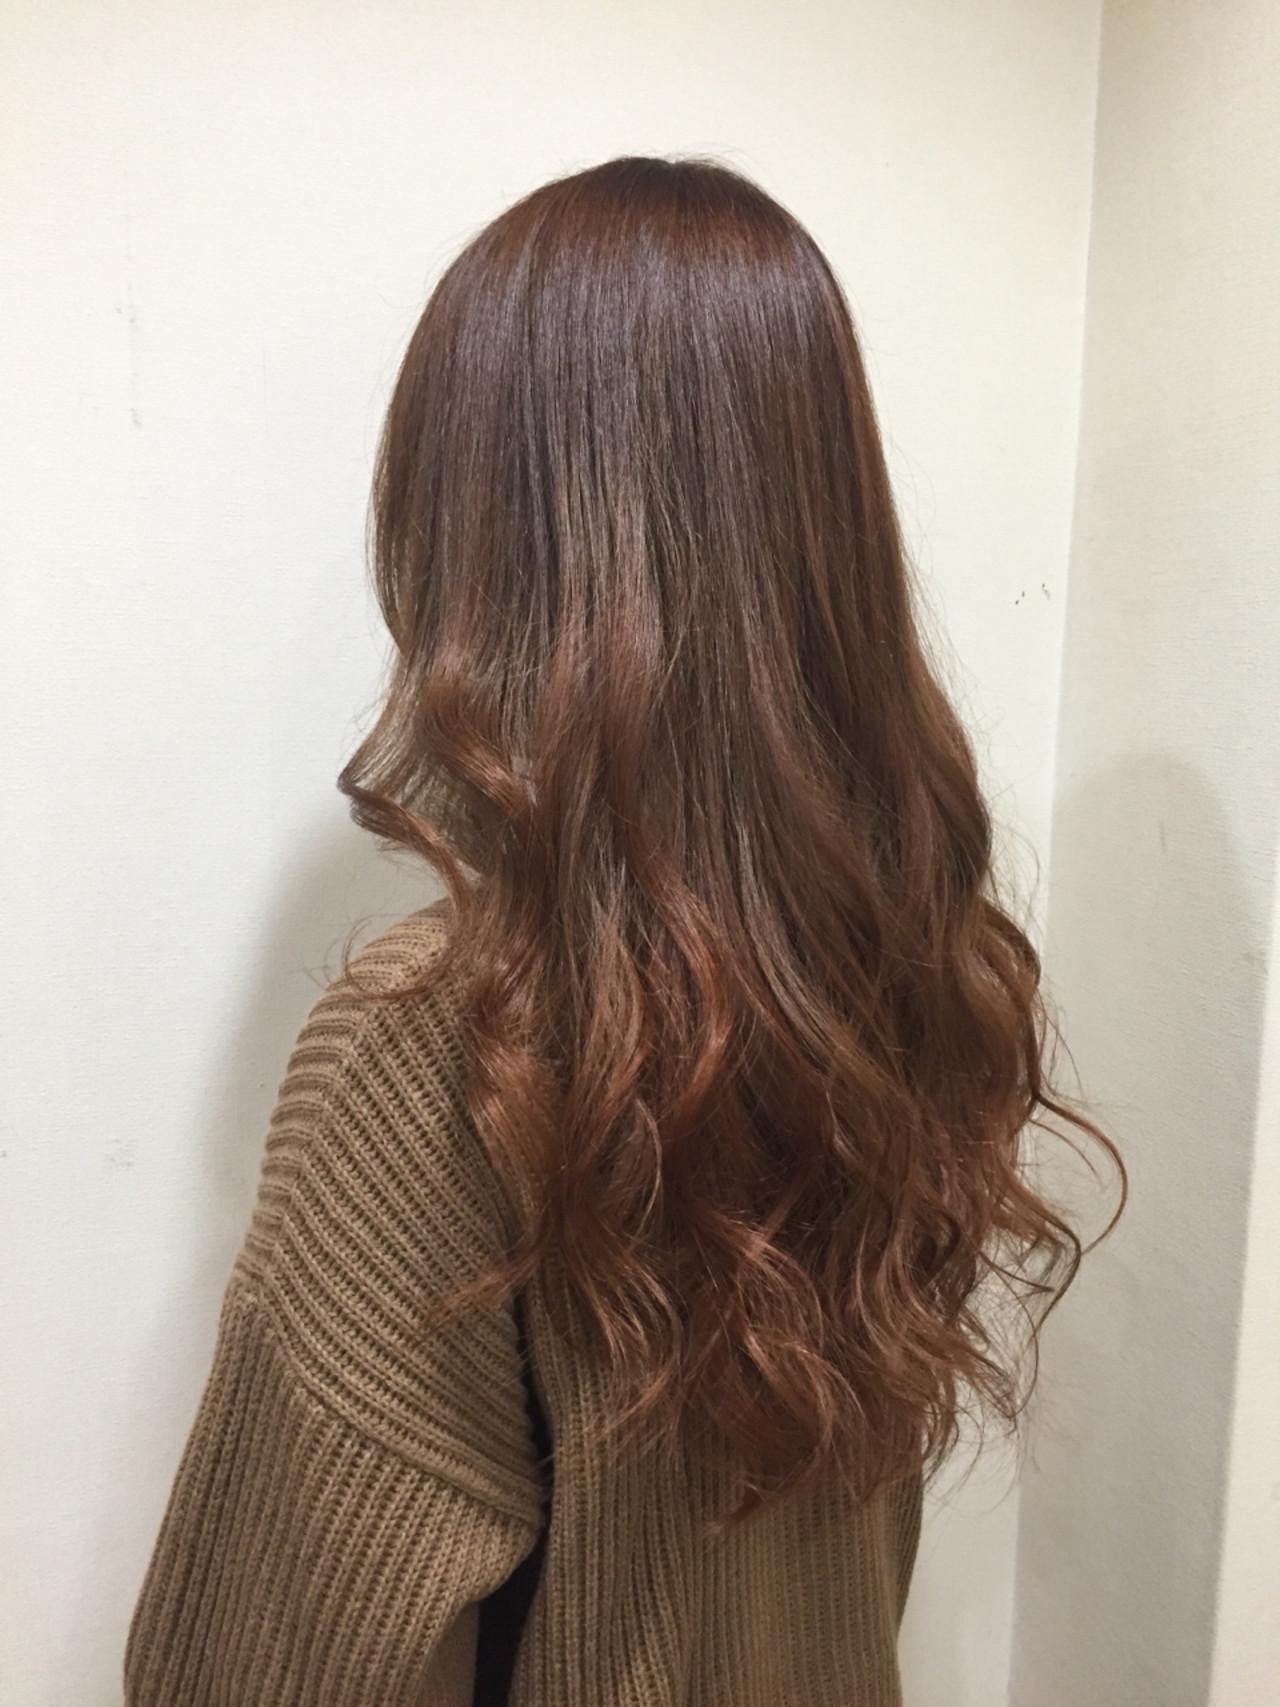 外国人風カラー ストリート ロング オレンジ ヘアスタイルや髪型の写真・画像 | 堂園知里 / hair Mission